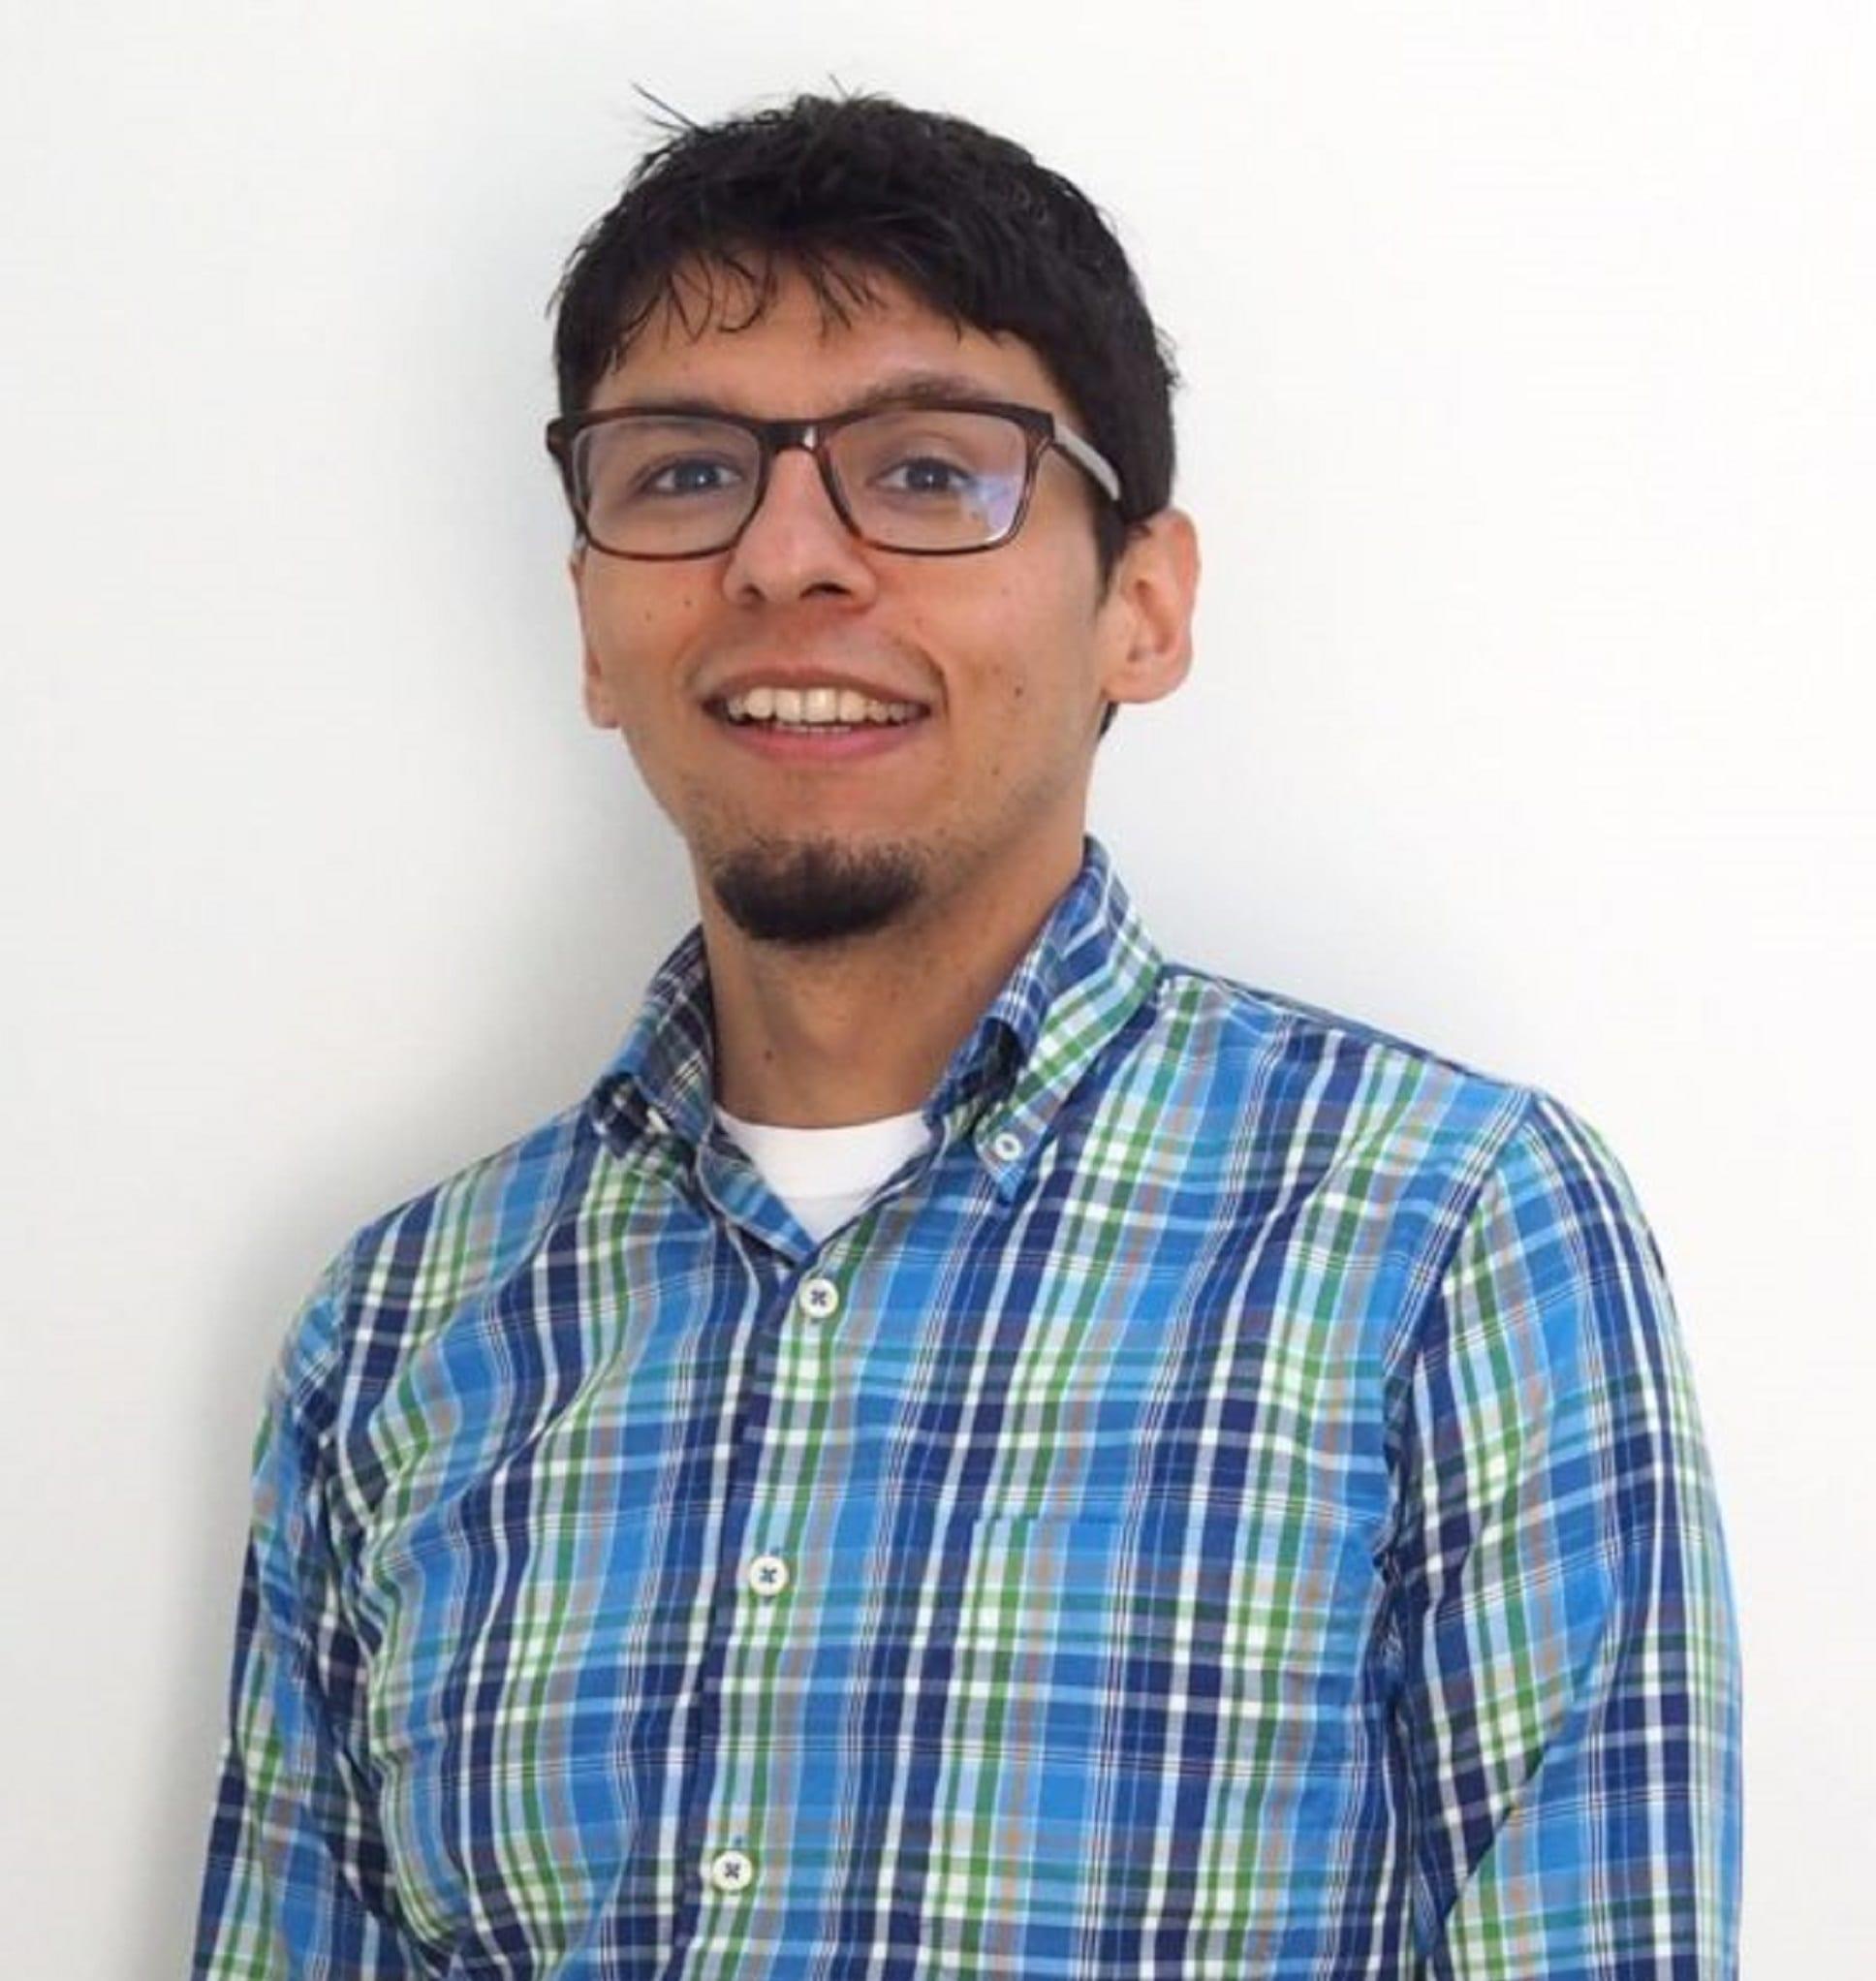 Francisco Miguel Araiza